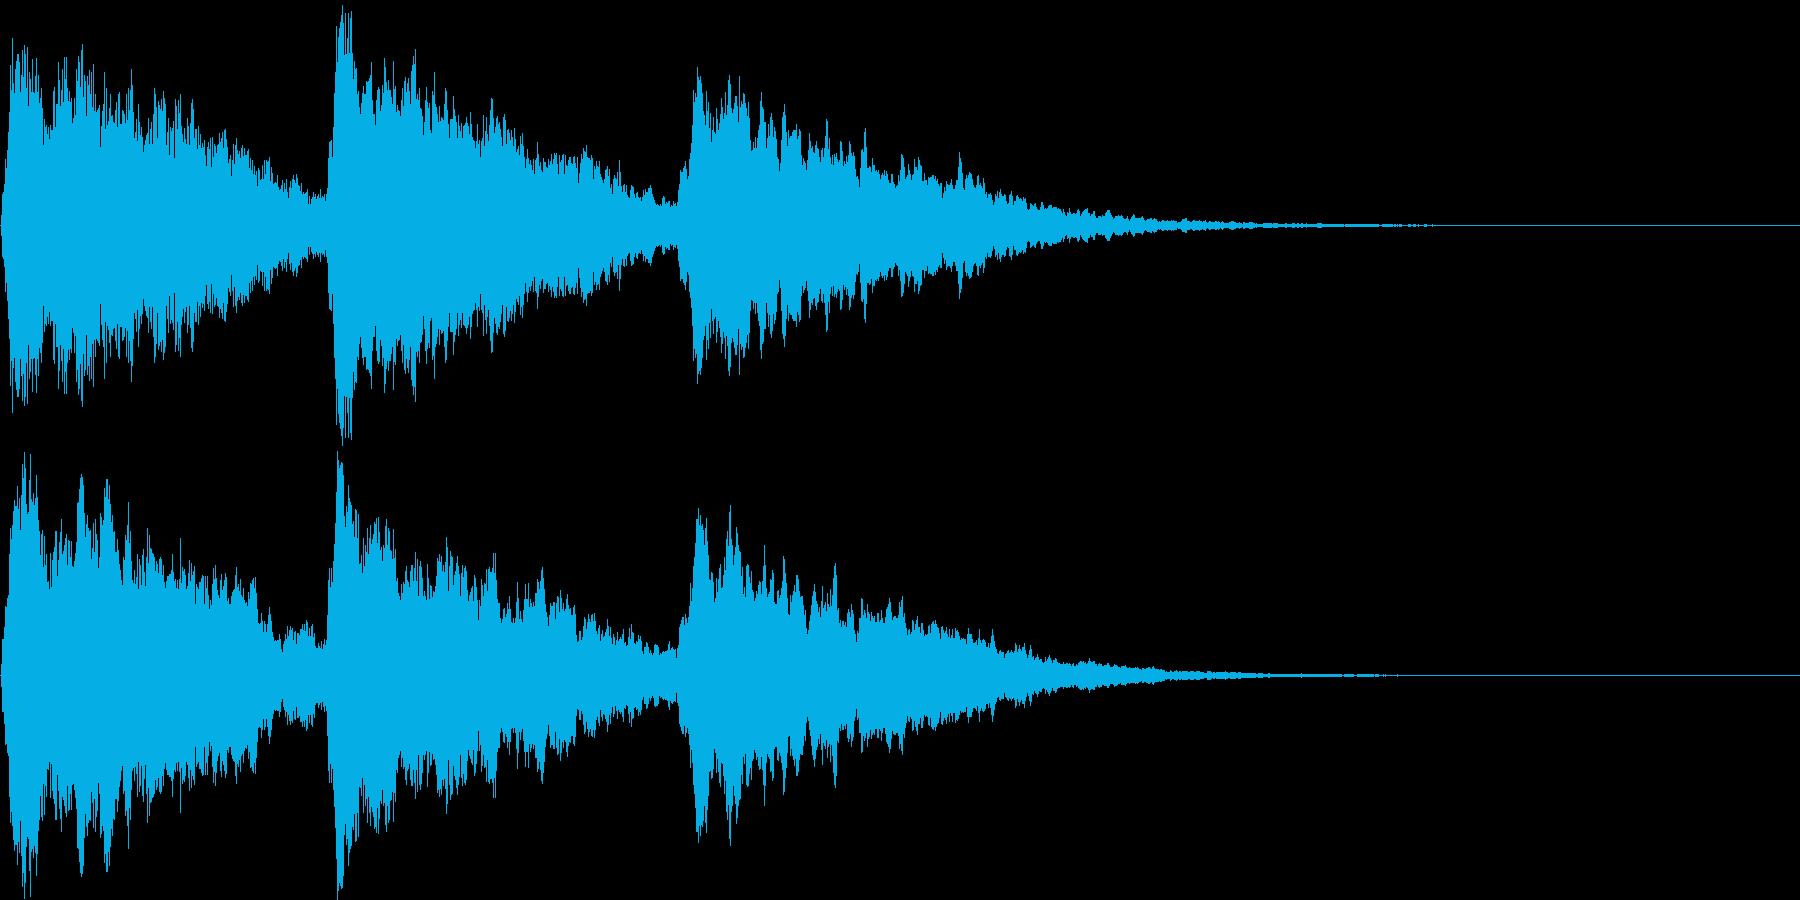 場面転換のキラキラチャイム Bの再生済みの波形